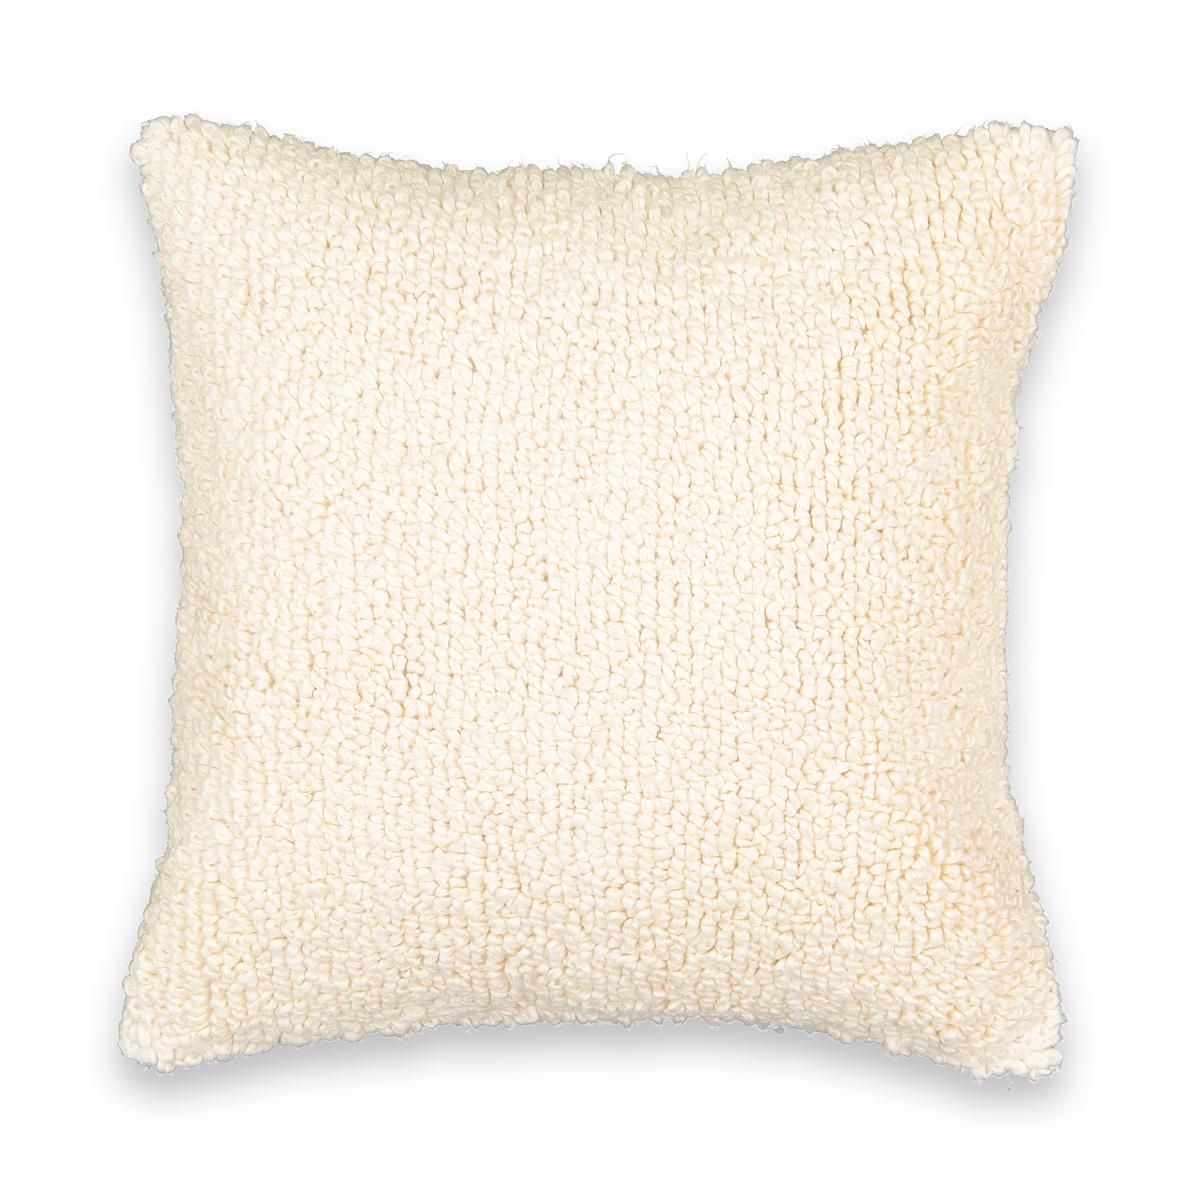 Чехол La Redoute На подушку с ворсом Virginia 45 x 45 см бежевый чехол la redoute для подушки eppaloc 45 x 45 см оранжевый